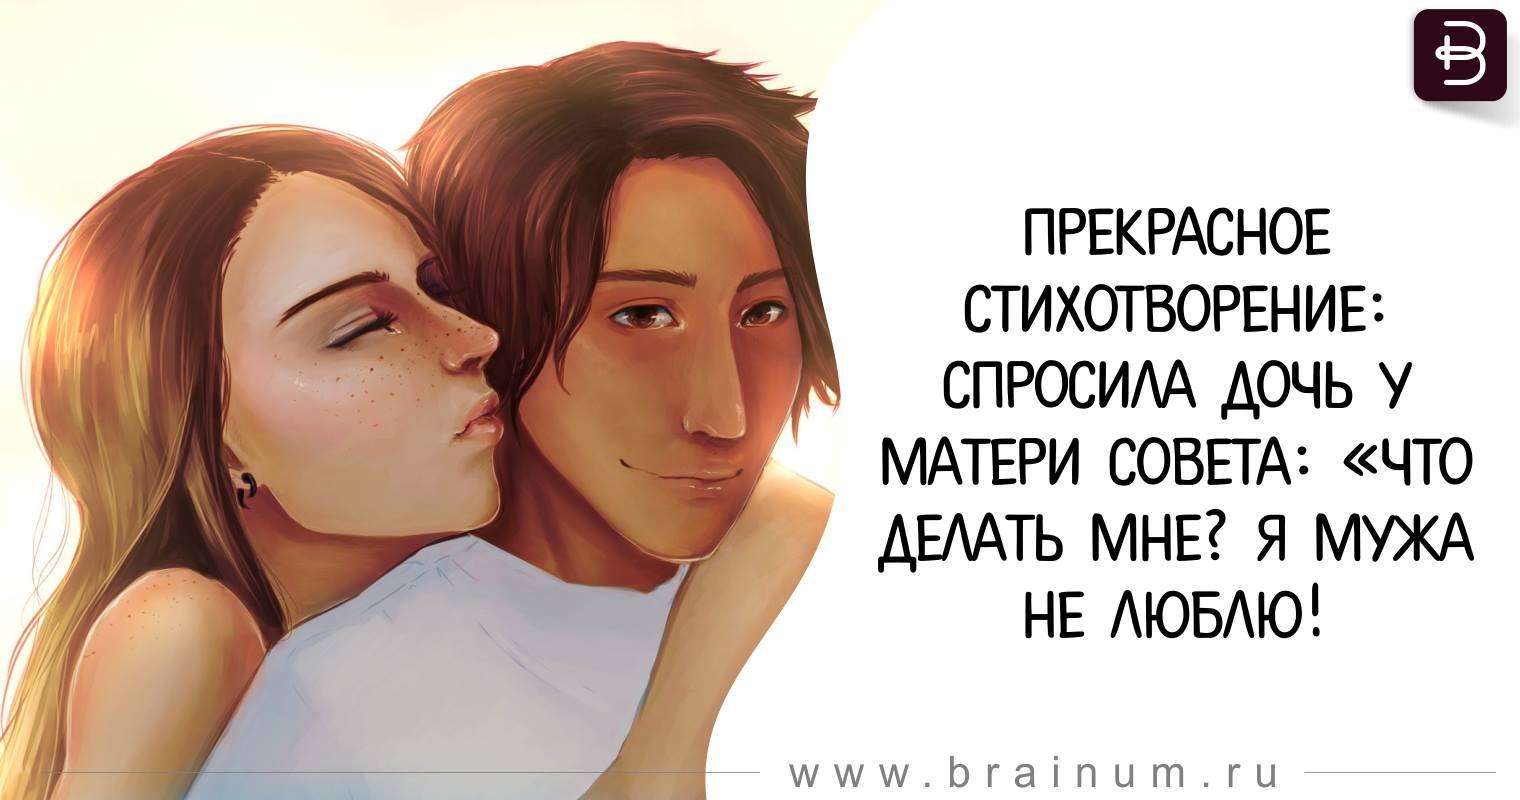 Прекрасное стихотворение: Спросила дочь у матери совета: Что делать мне Я мужа не люблю